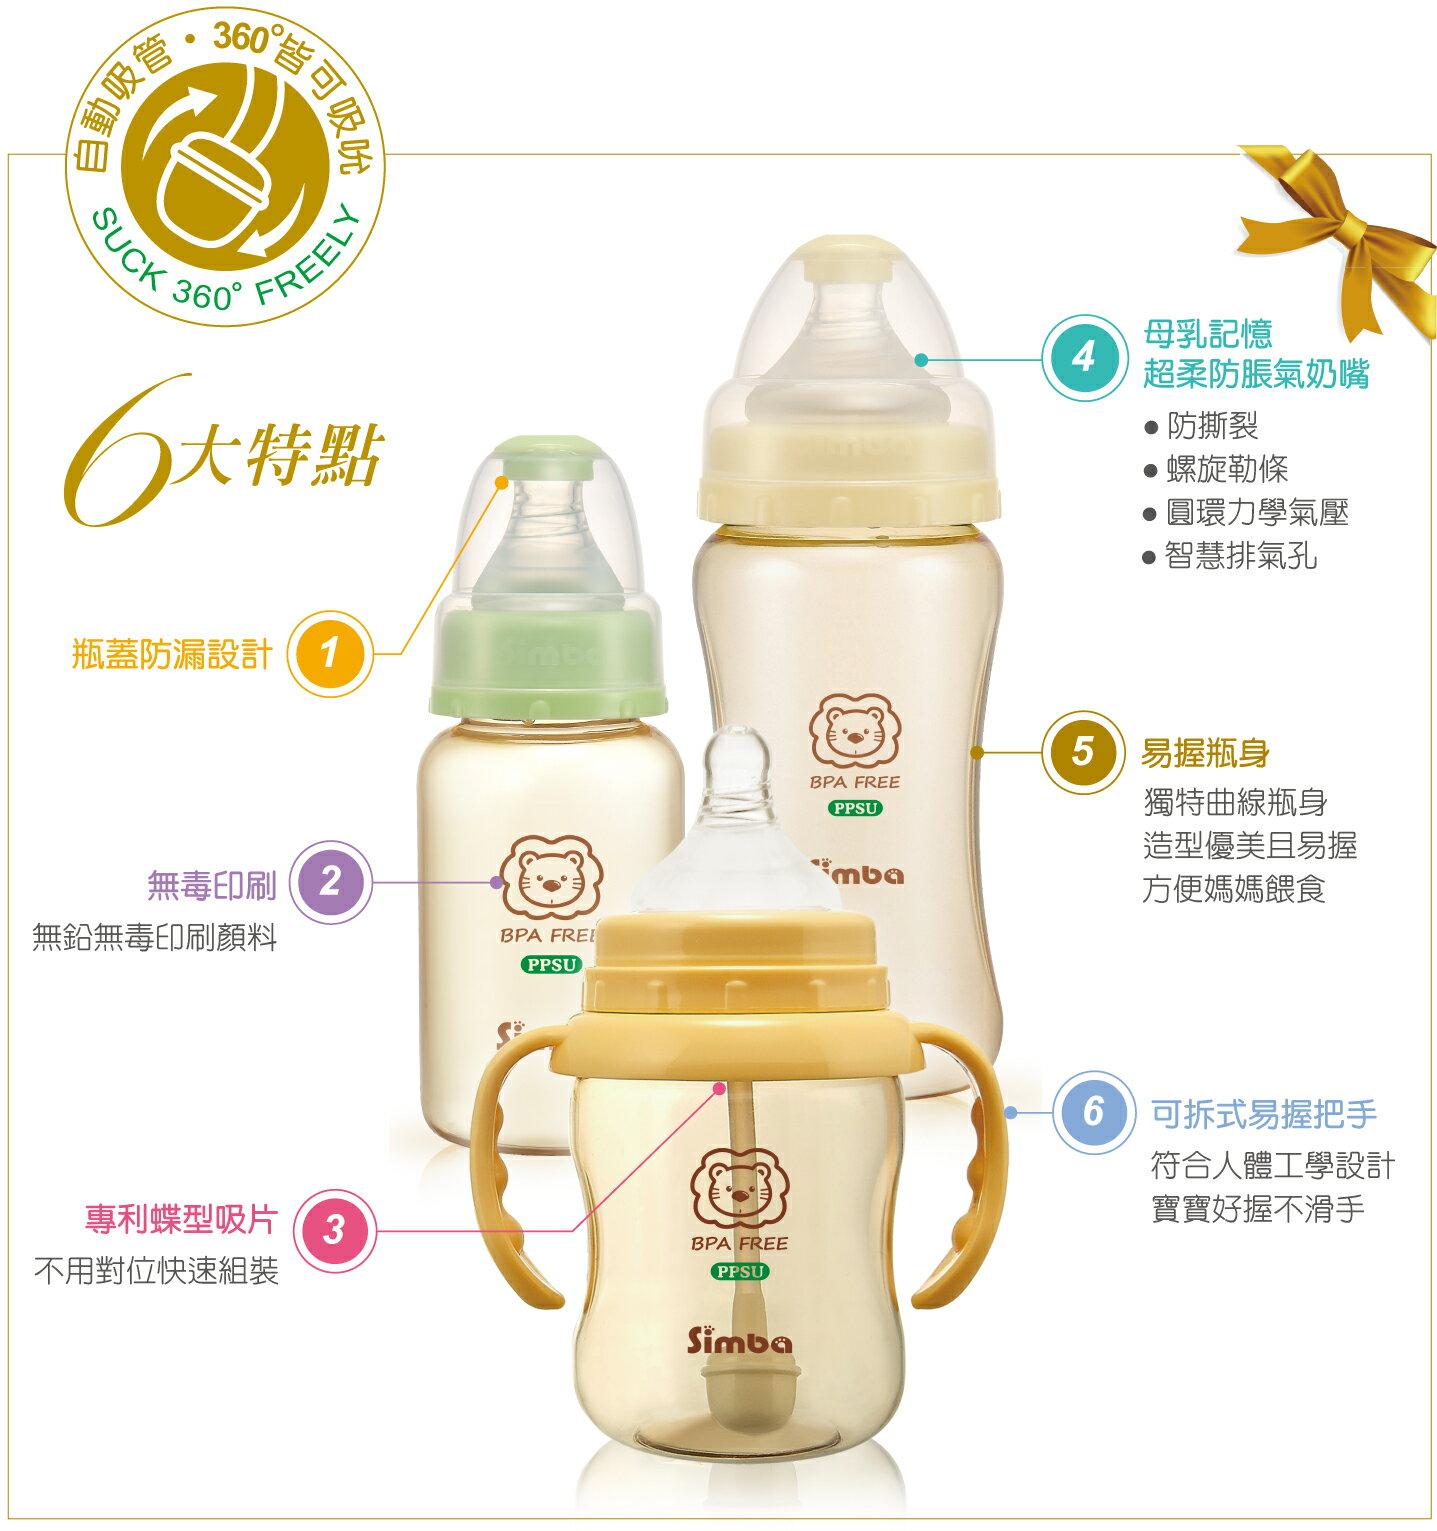 『121婦嬰用品館』辛巴 超輕鑽標準玻璃大奶瓶240 6